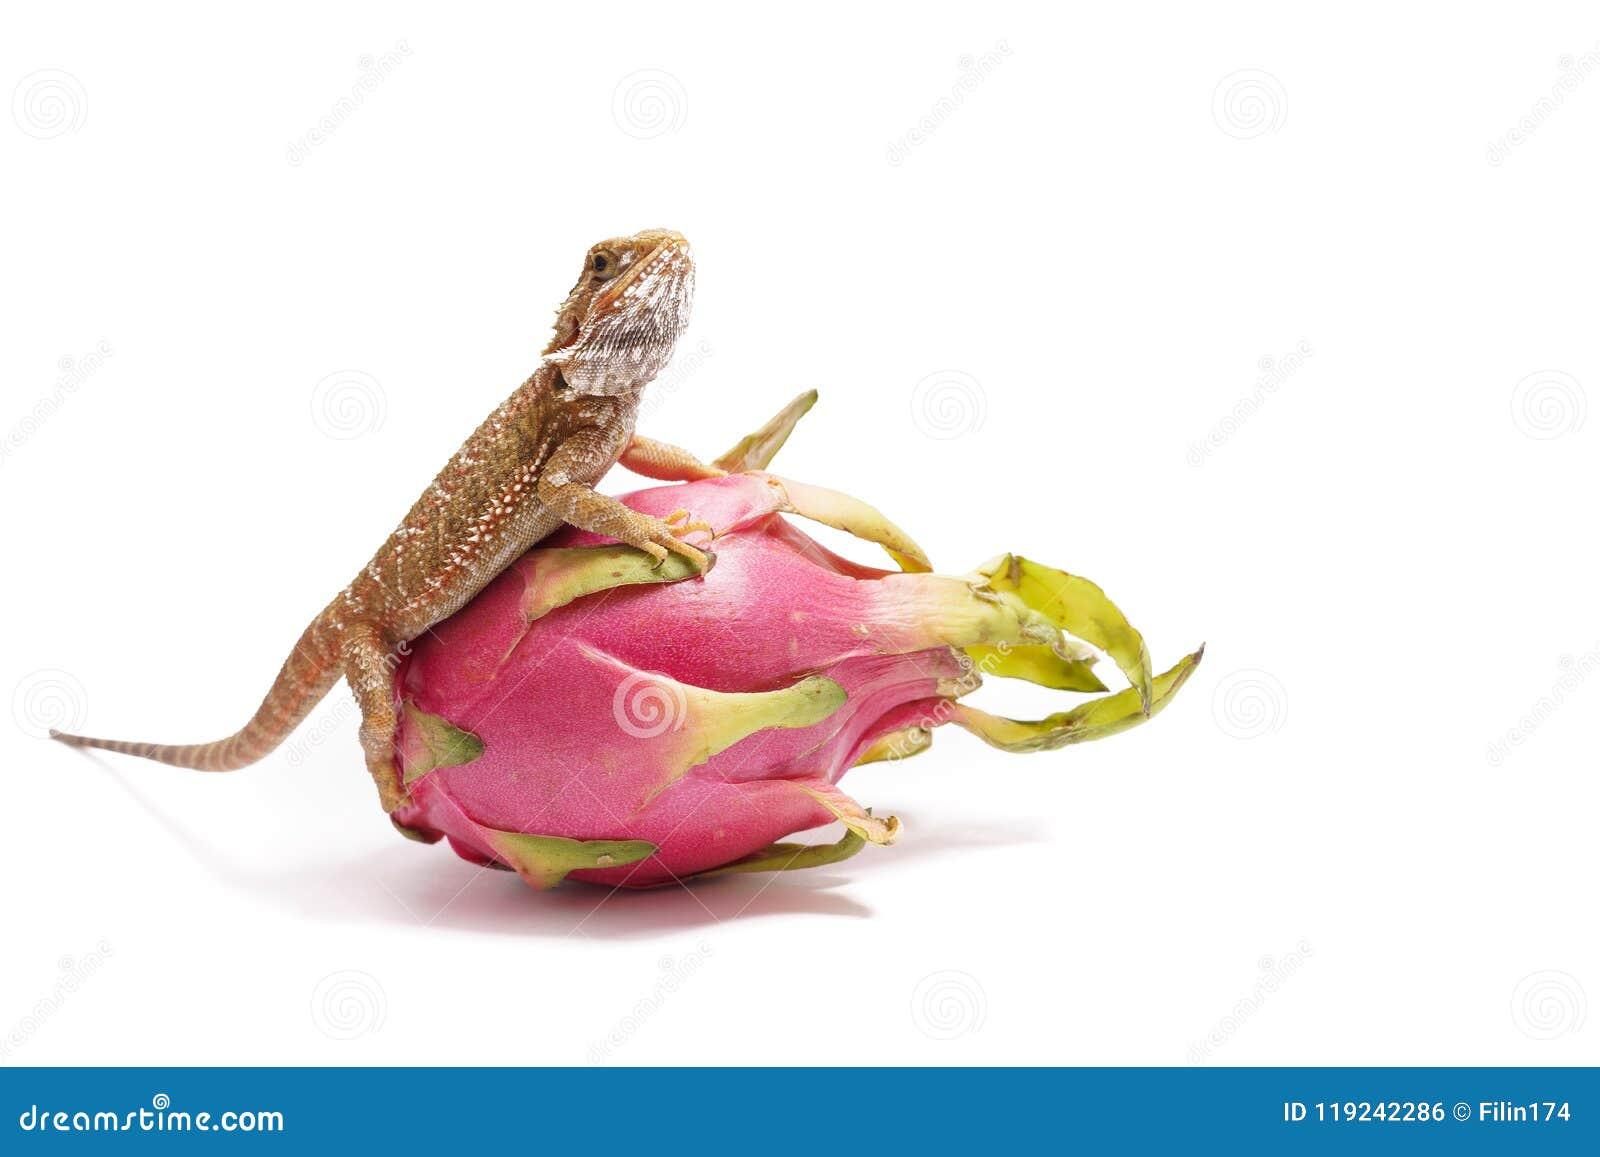 Агама сидит на плодоовощ pityahya (плодоовощ дракона) как дракон